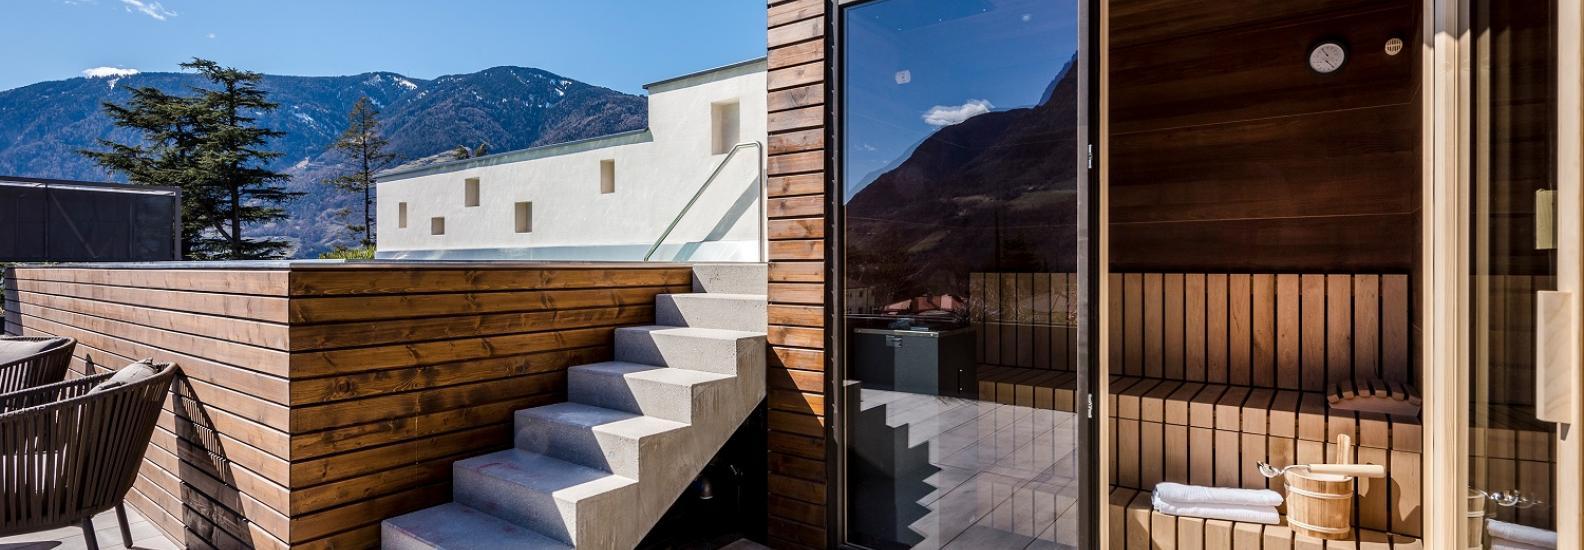 devine - private spa - Plantitscherhof - Meran - ©guenter standl